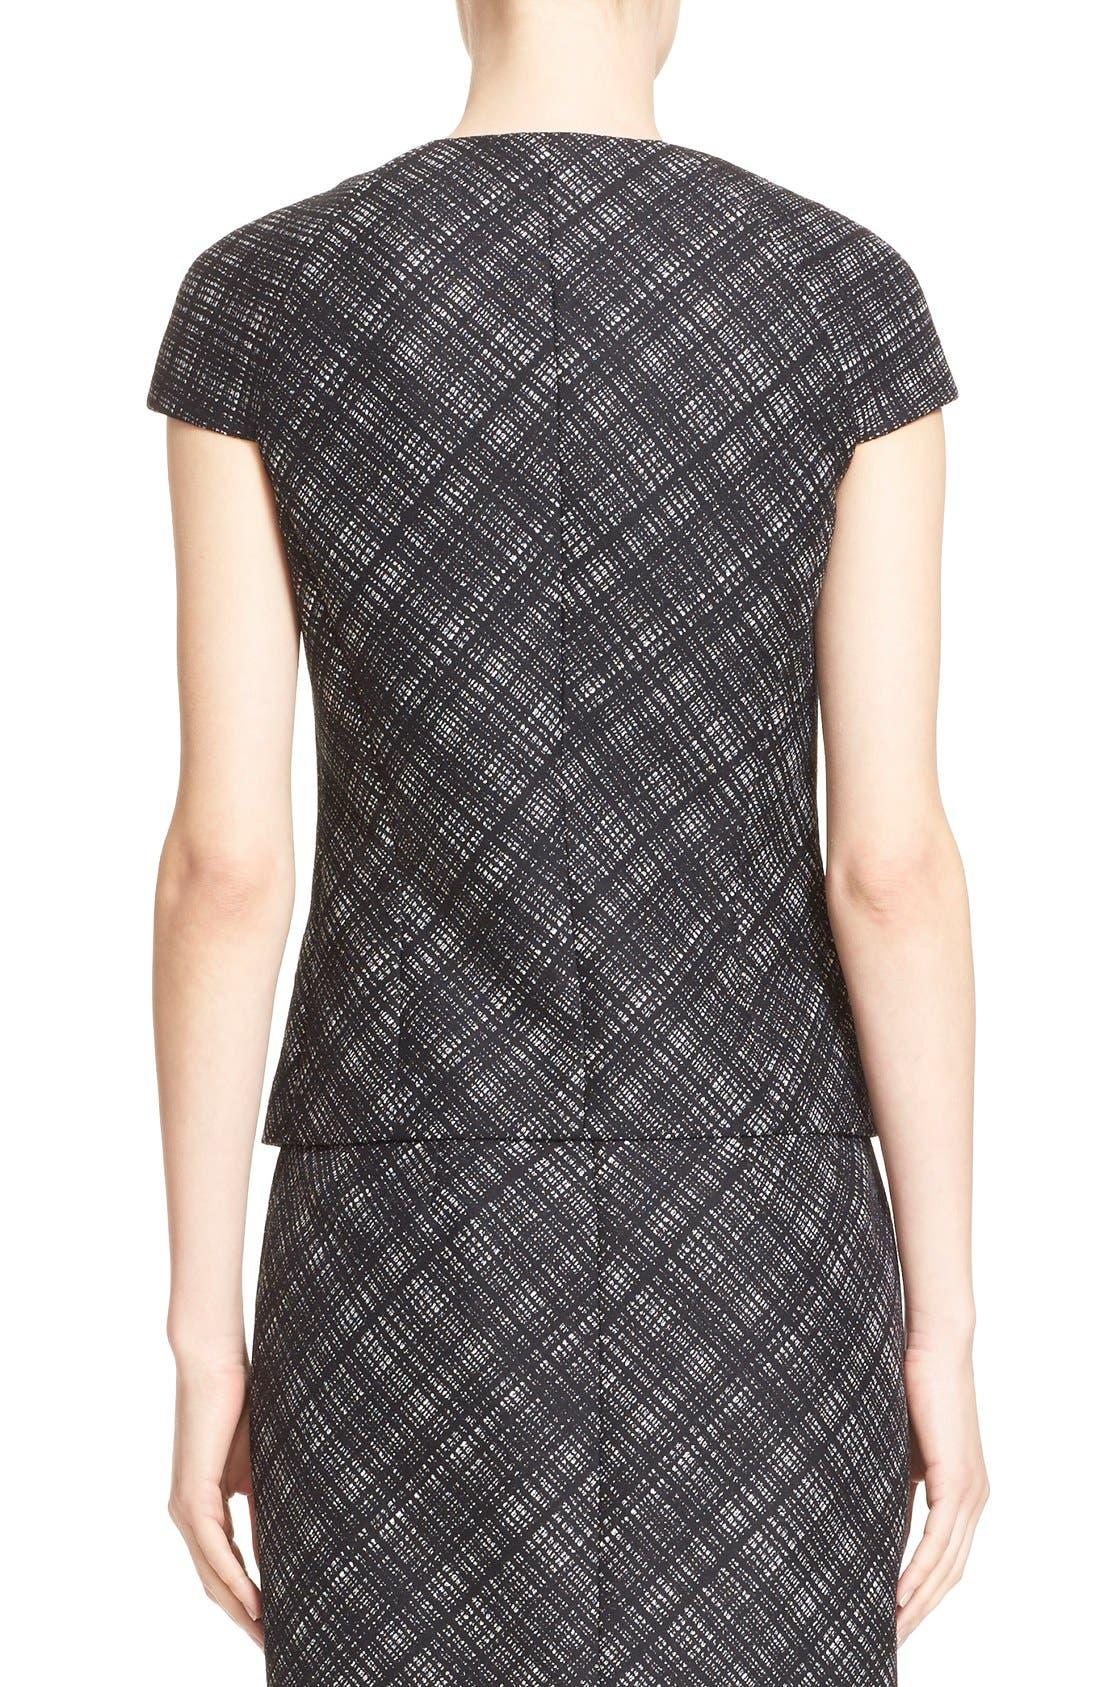 Alternate Image 2  - Michael Kors Jacquard Plaid Cap Sleeve Wool Jacket